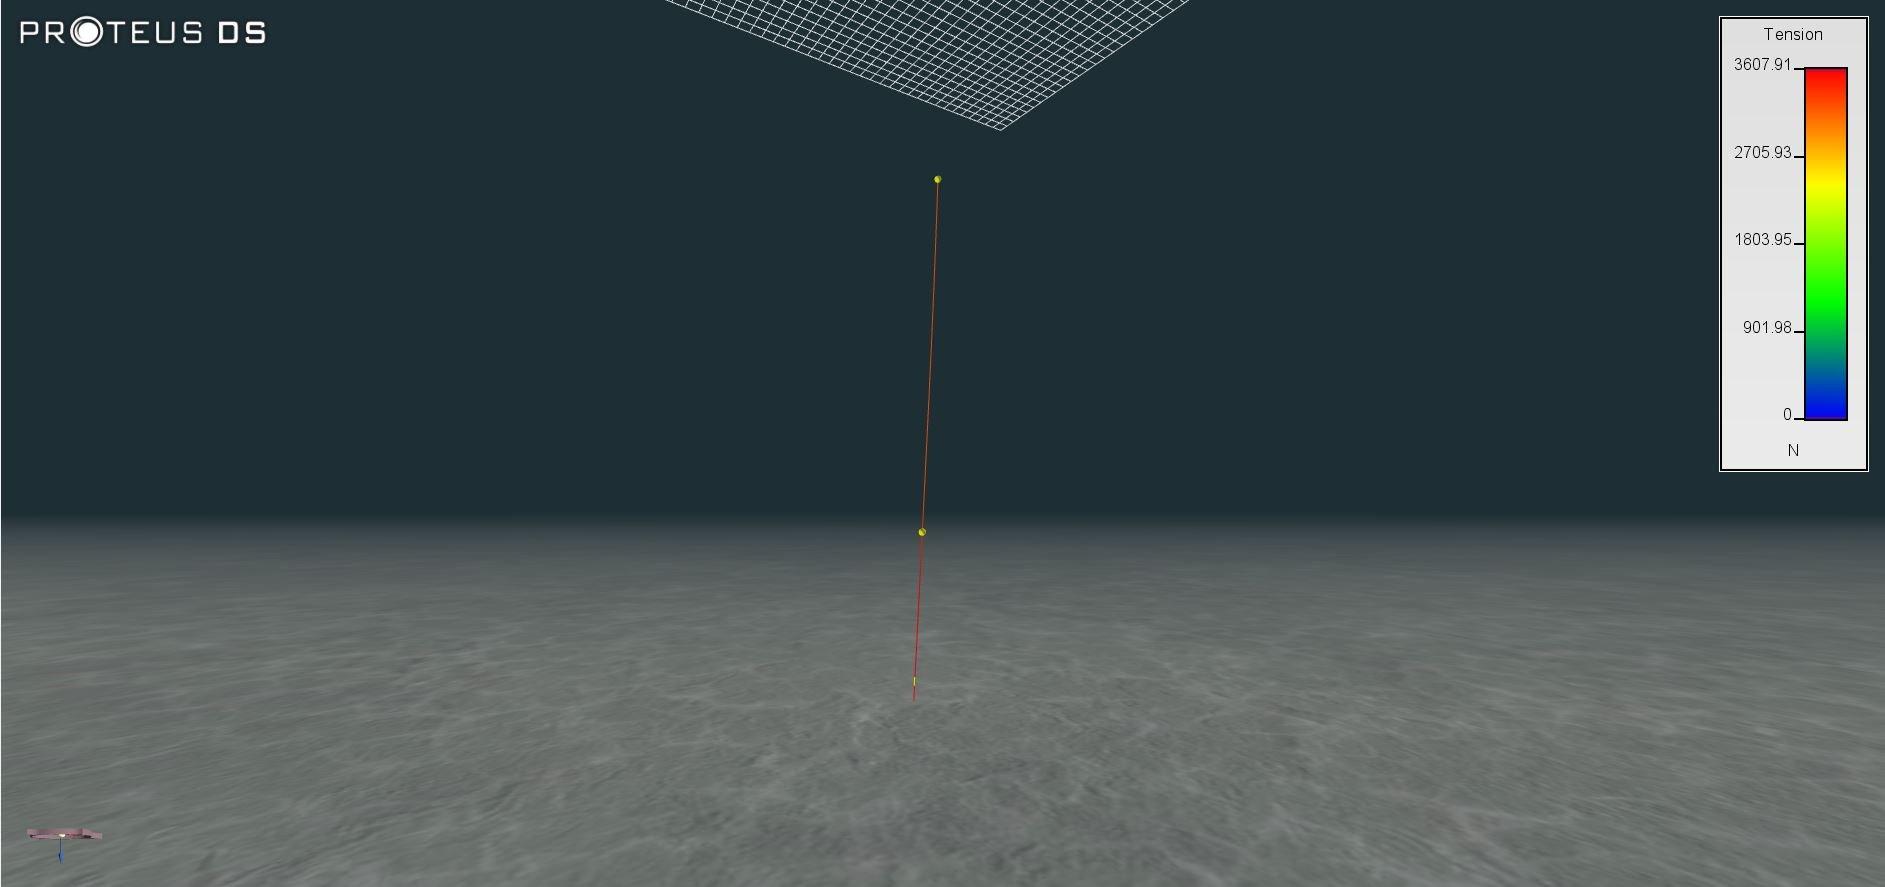 APA_DSA_Subsurface Mooring - with tension